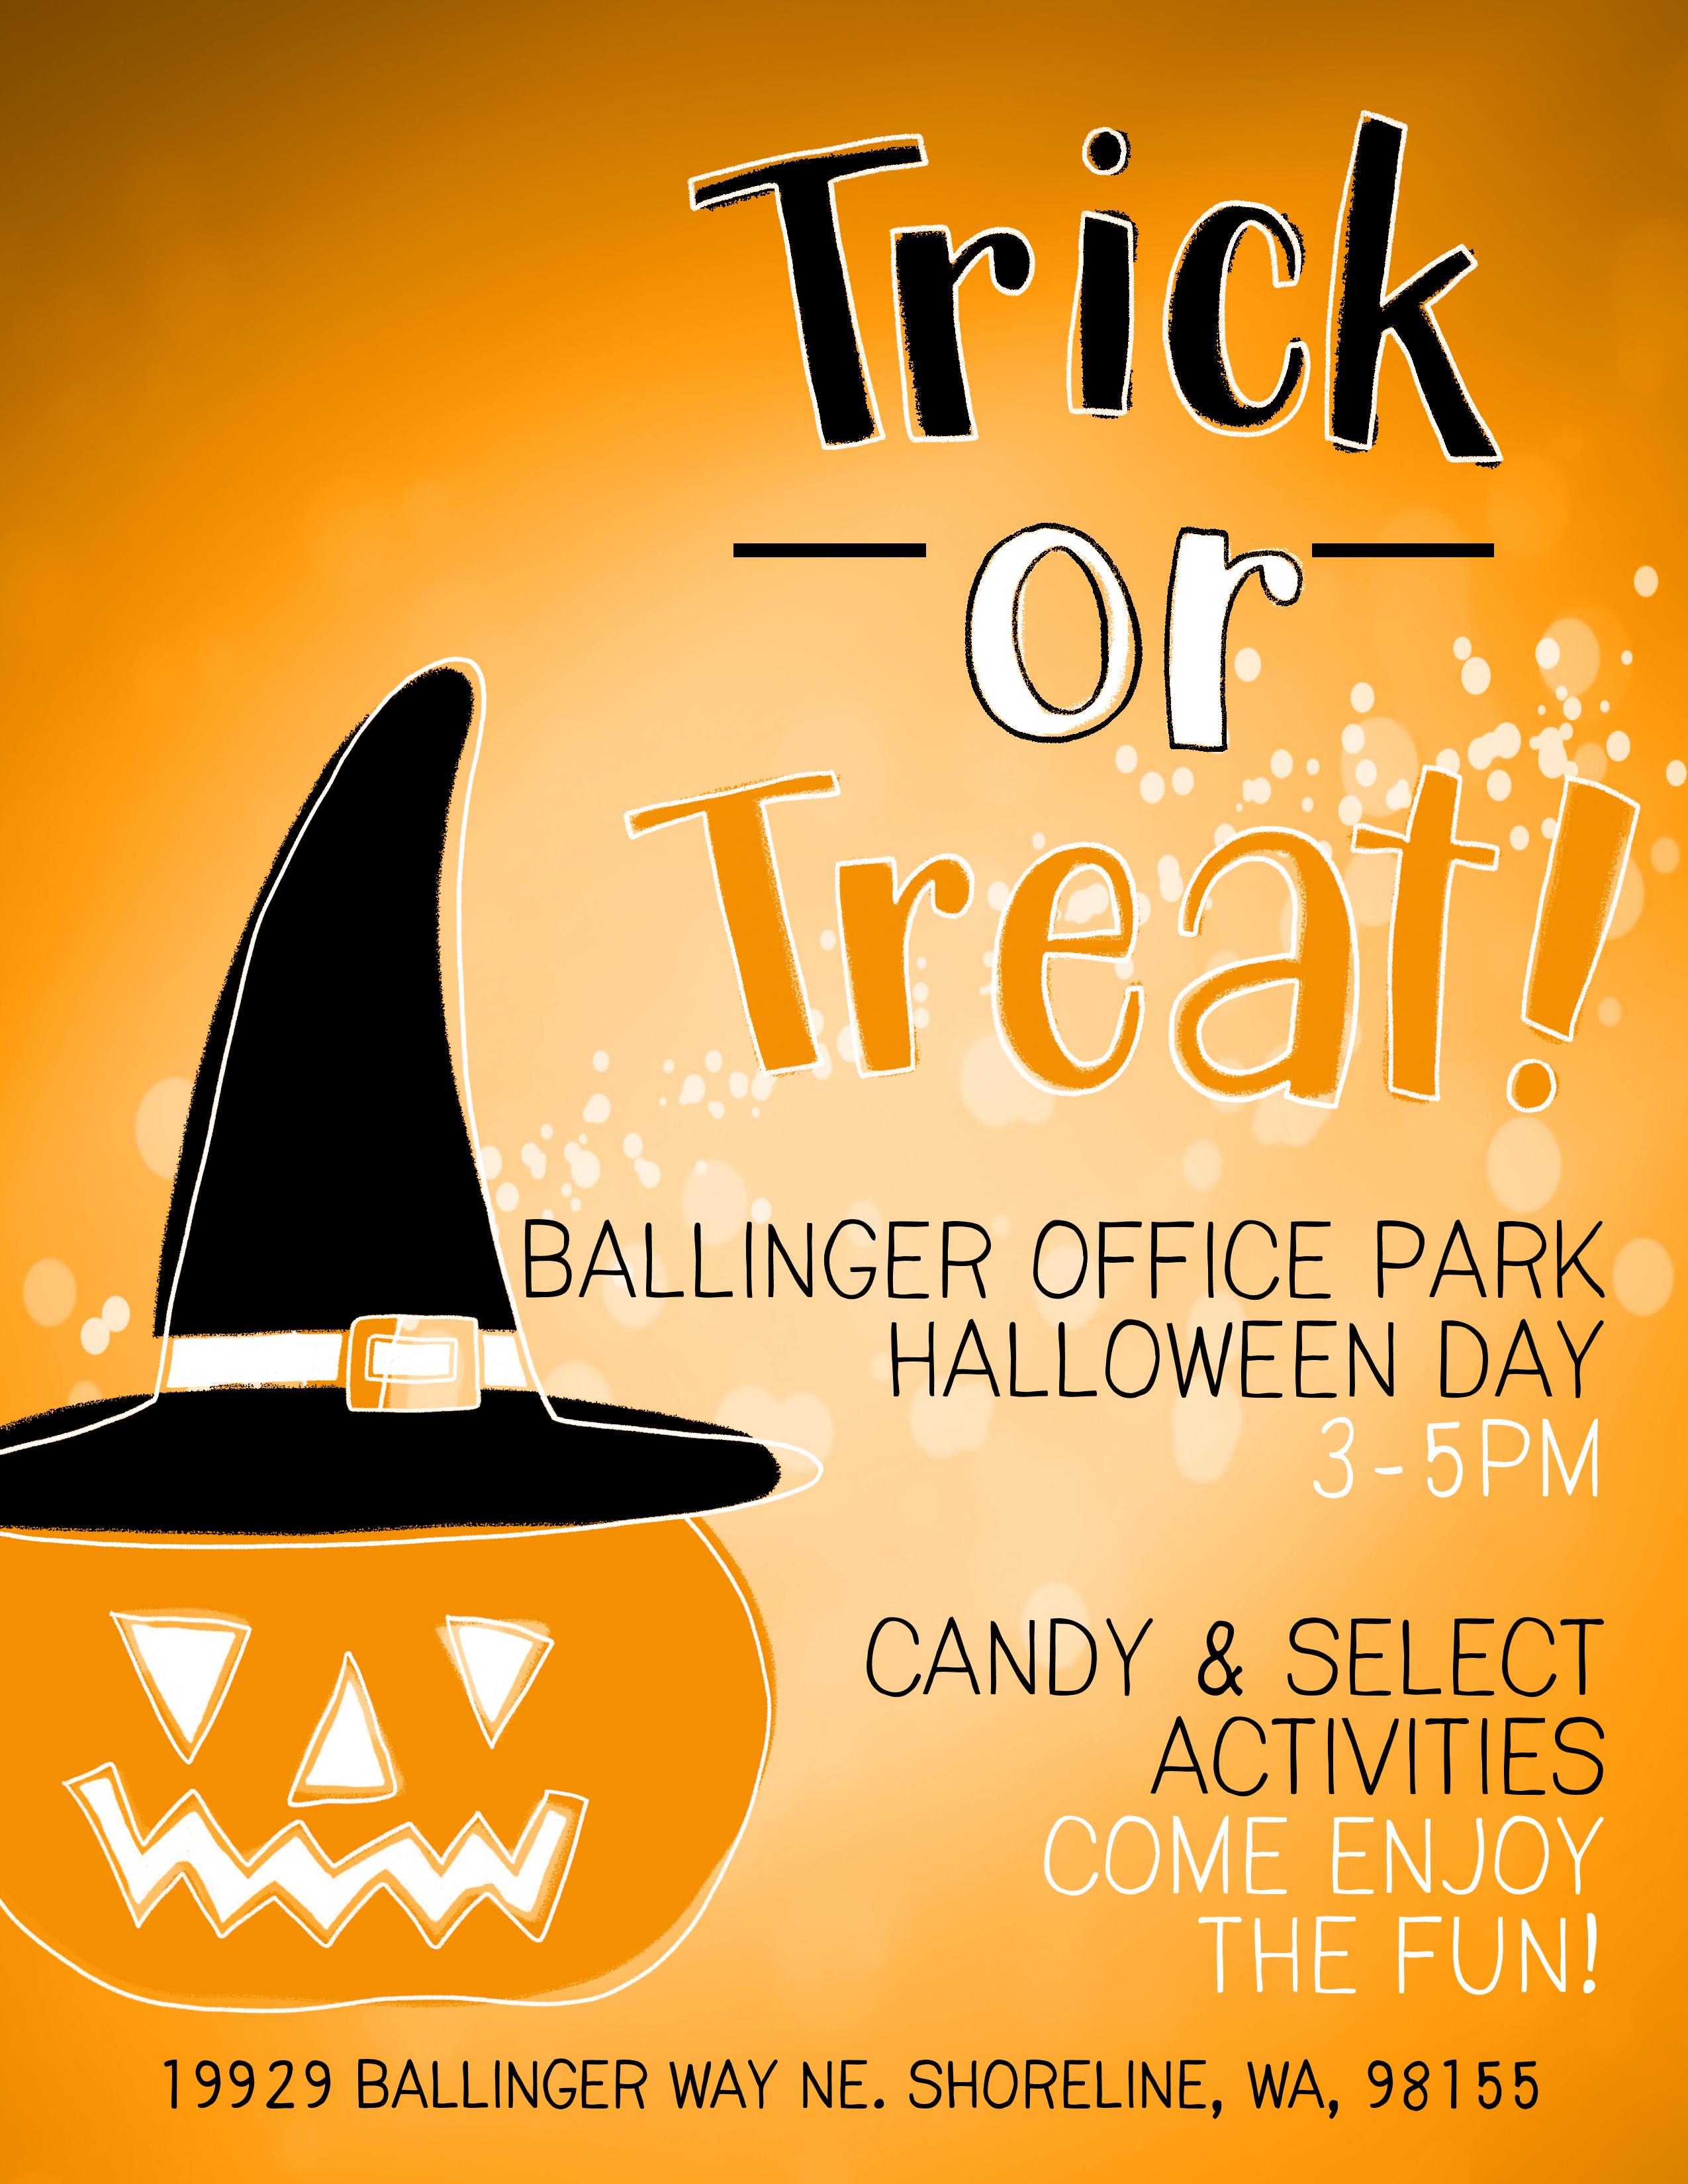 Halloween trick or treat flier